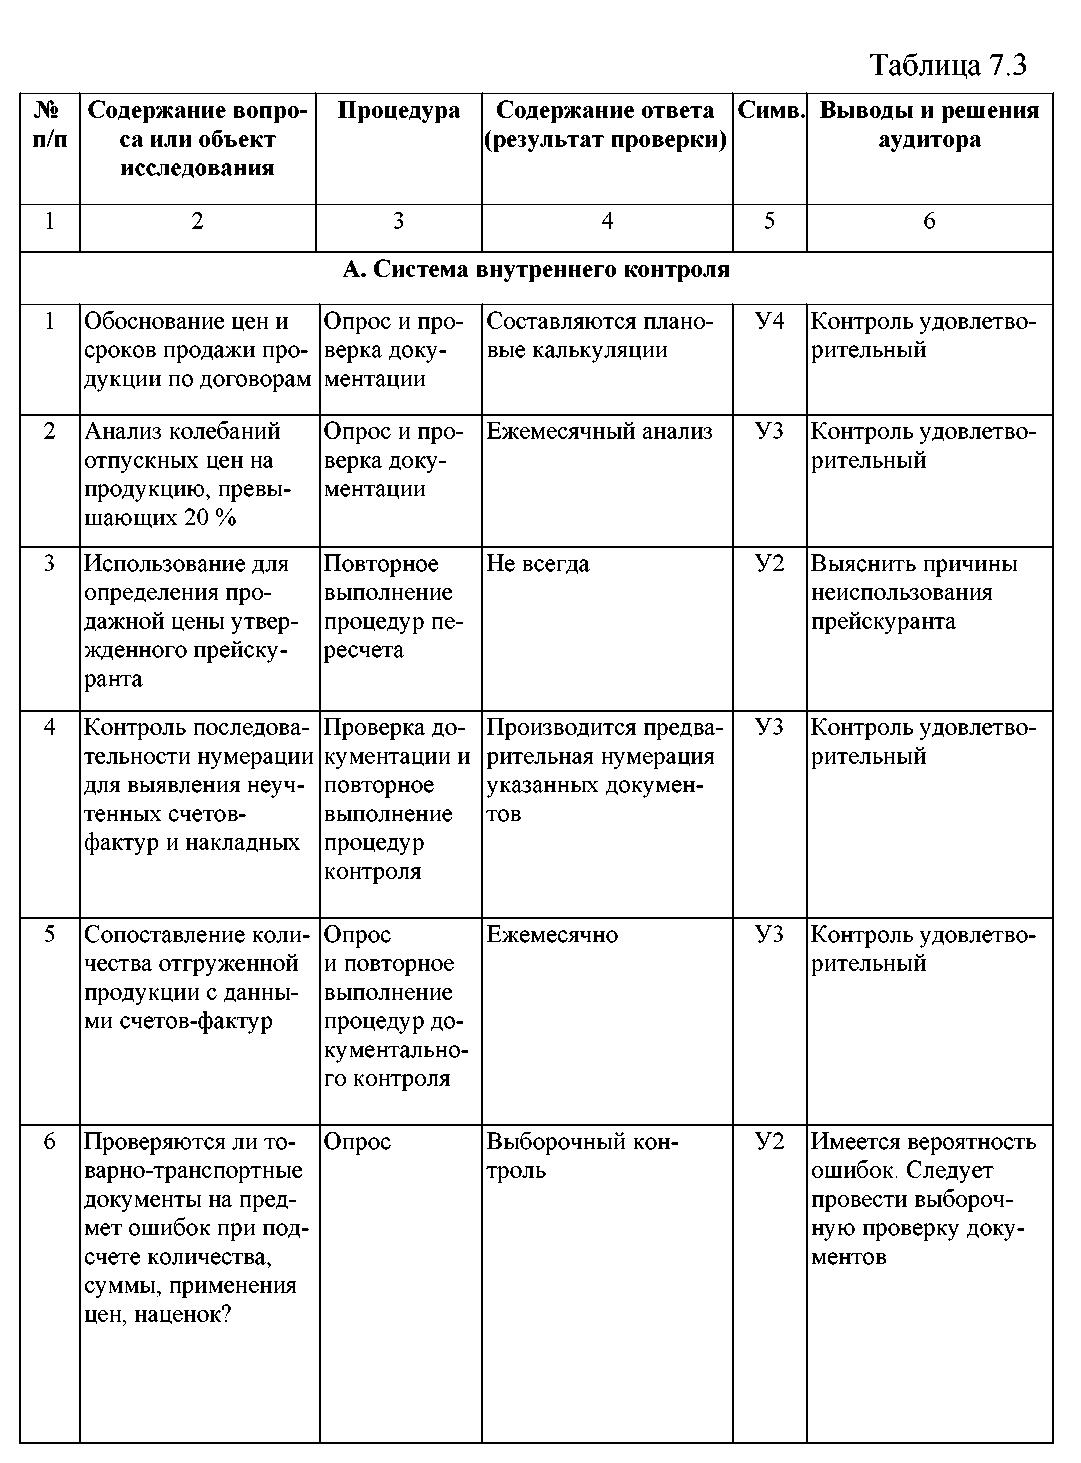 виды таблиц по проверке зрения